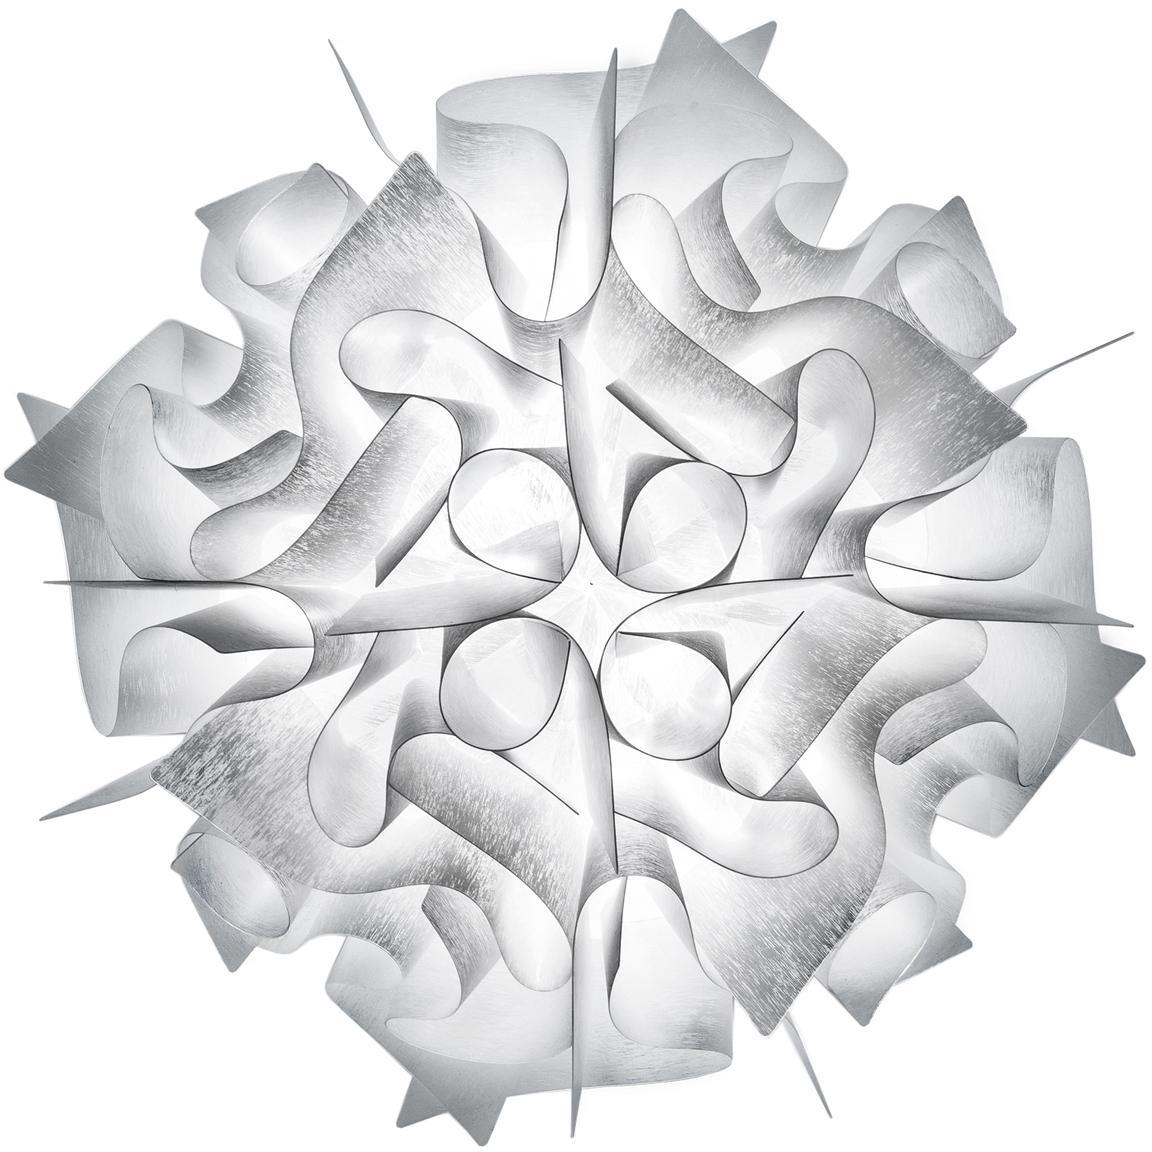 Handgefertigte Decken- und Wandleuchte Veli Mini, Technopolymer Opalflex®, recycelbar, bruchfest, flexibel, antistatisch beschichtet, UV- und hitzebeständig, Weiß, Ø 32 x T 15 cm